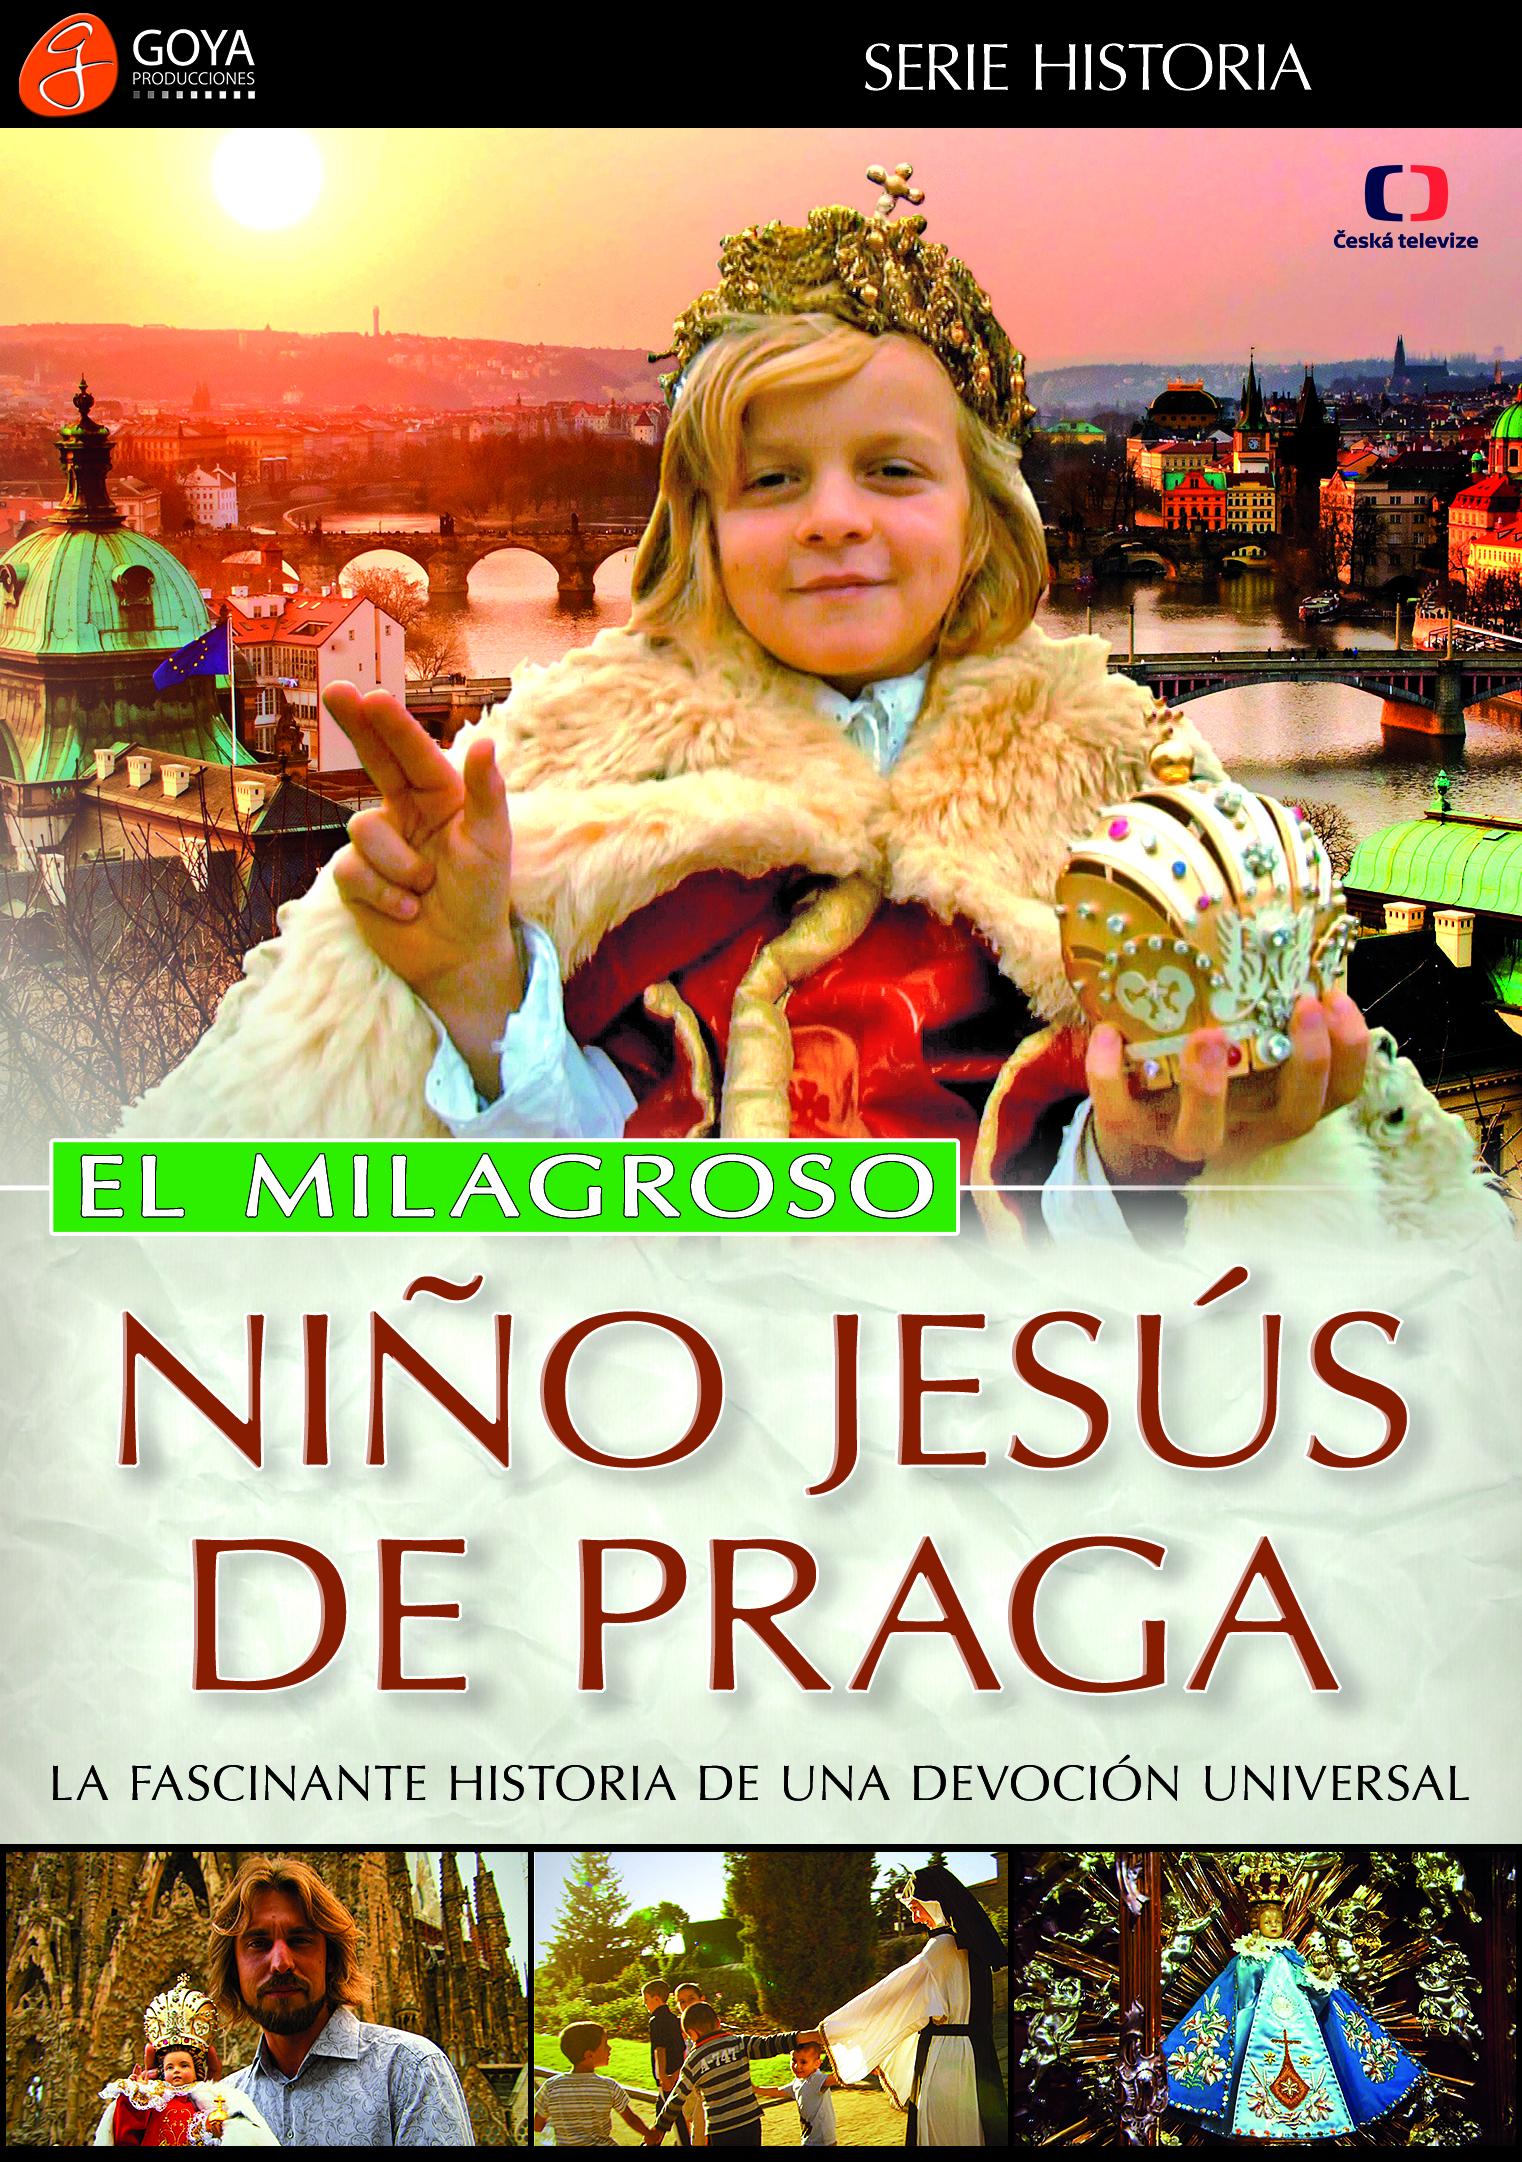 El Milagroso Niño Jesus de Praga